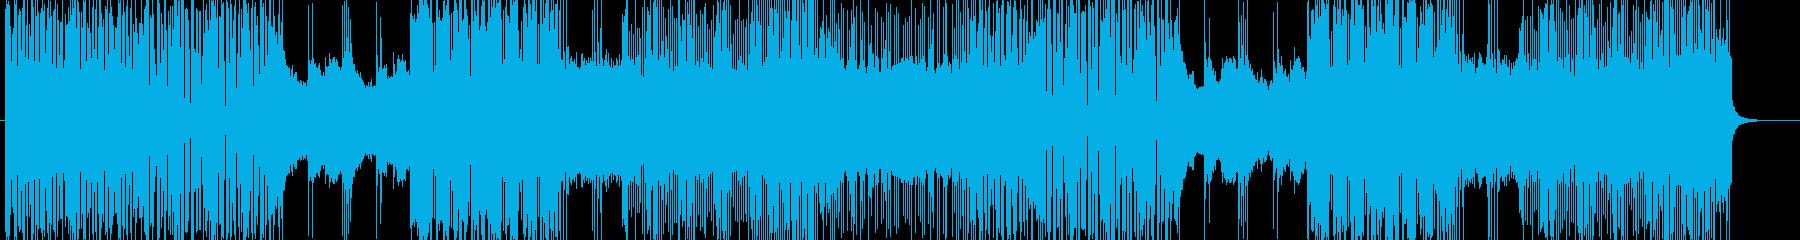 「HR/HM」「POWER」BGM252の再生済みの波形